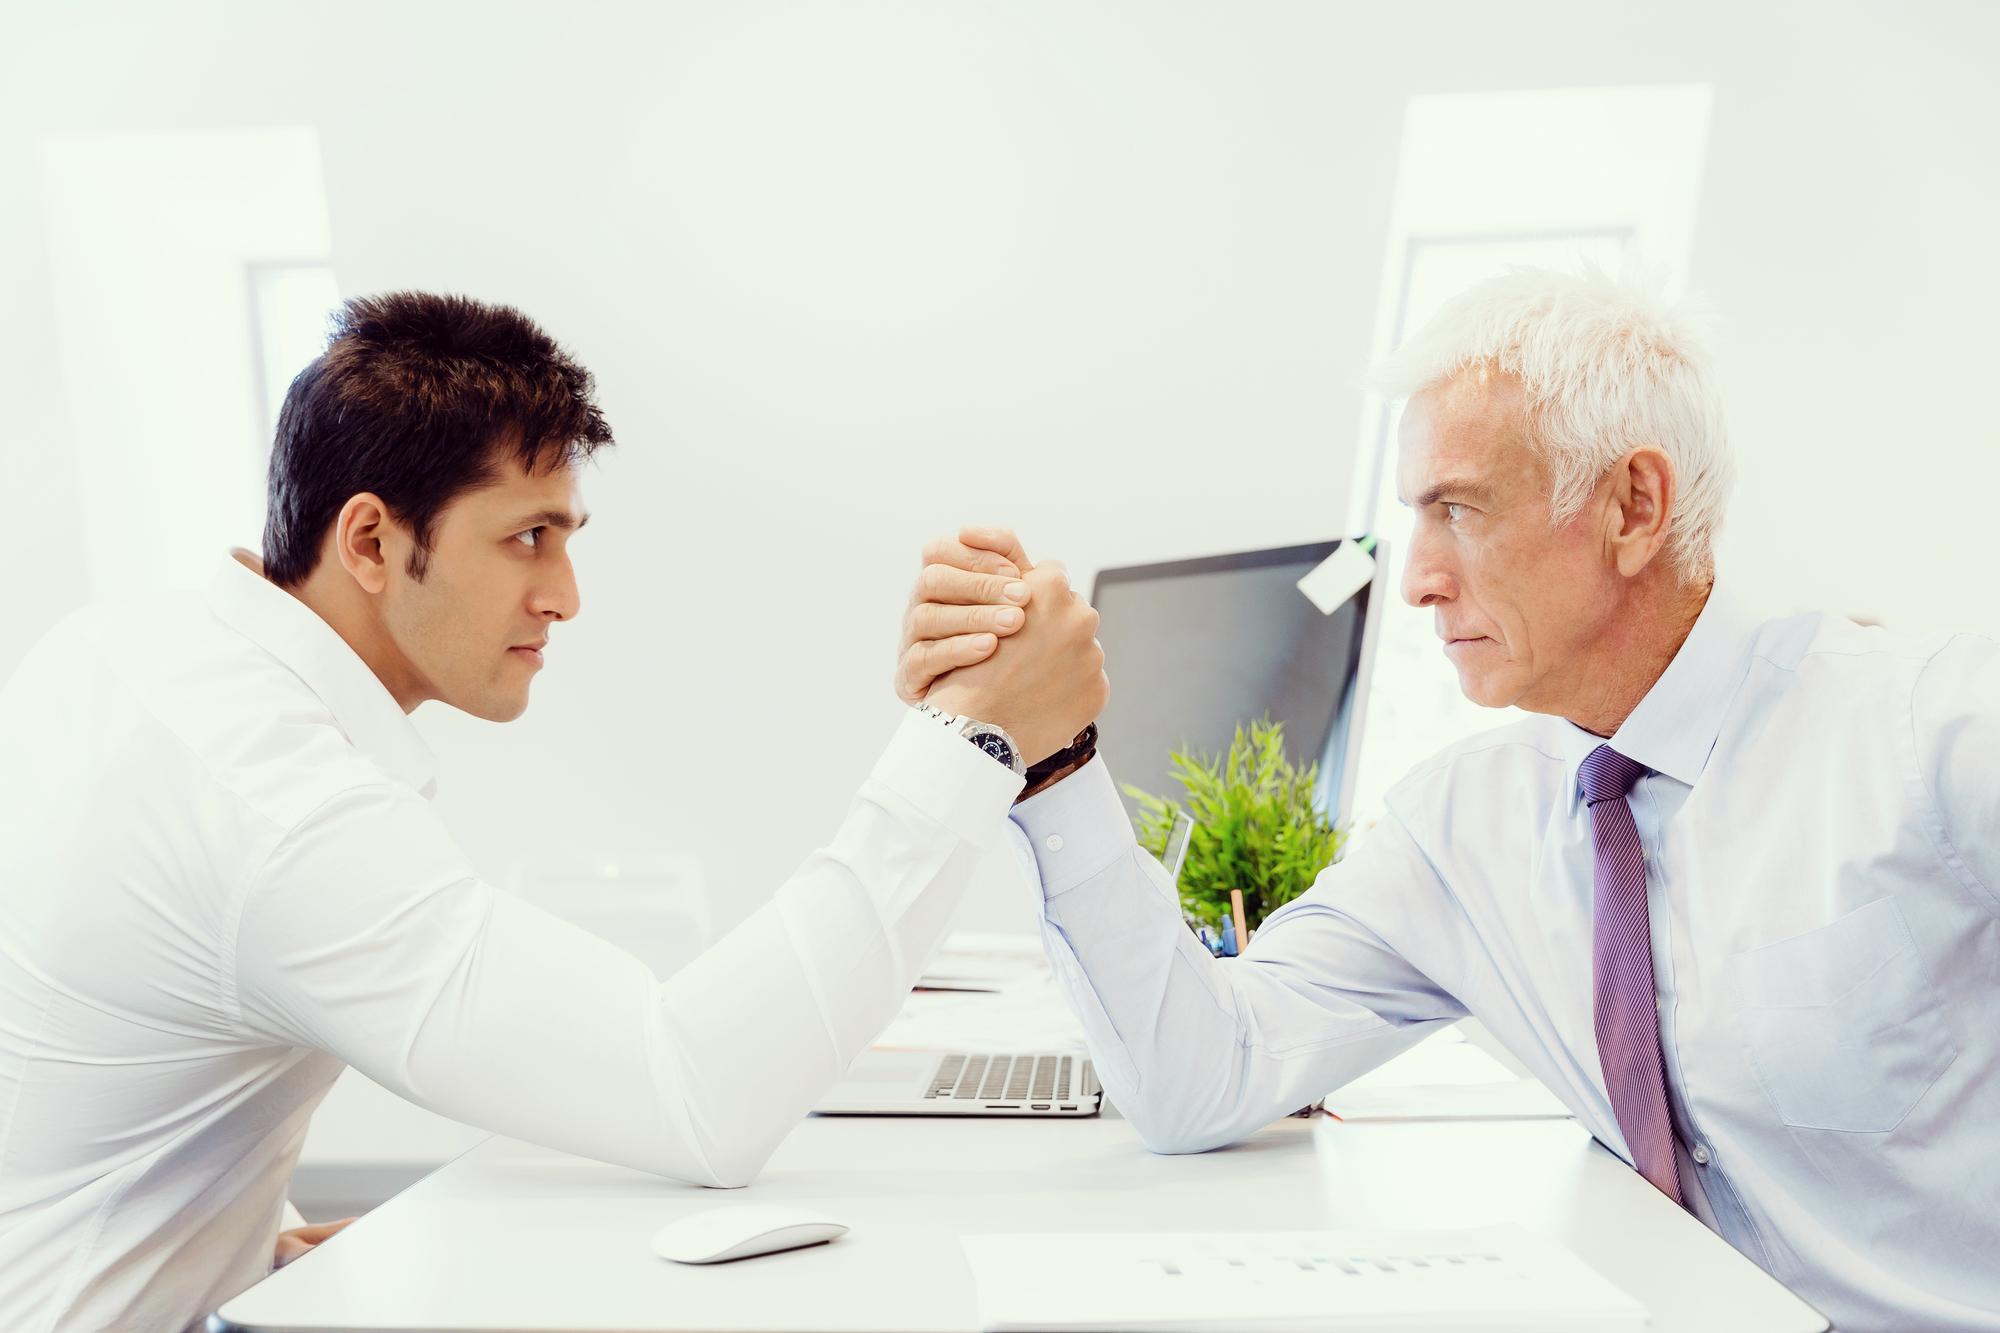 不動産管理会社との連絡手段はメールがベスト?【連絡がつかない時の対処法公開】